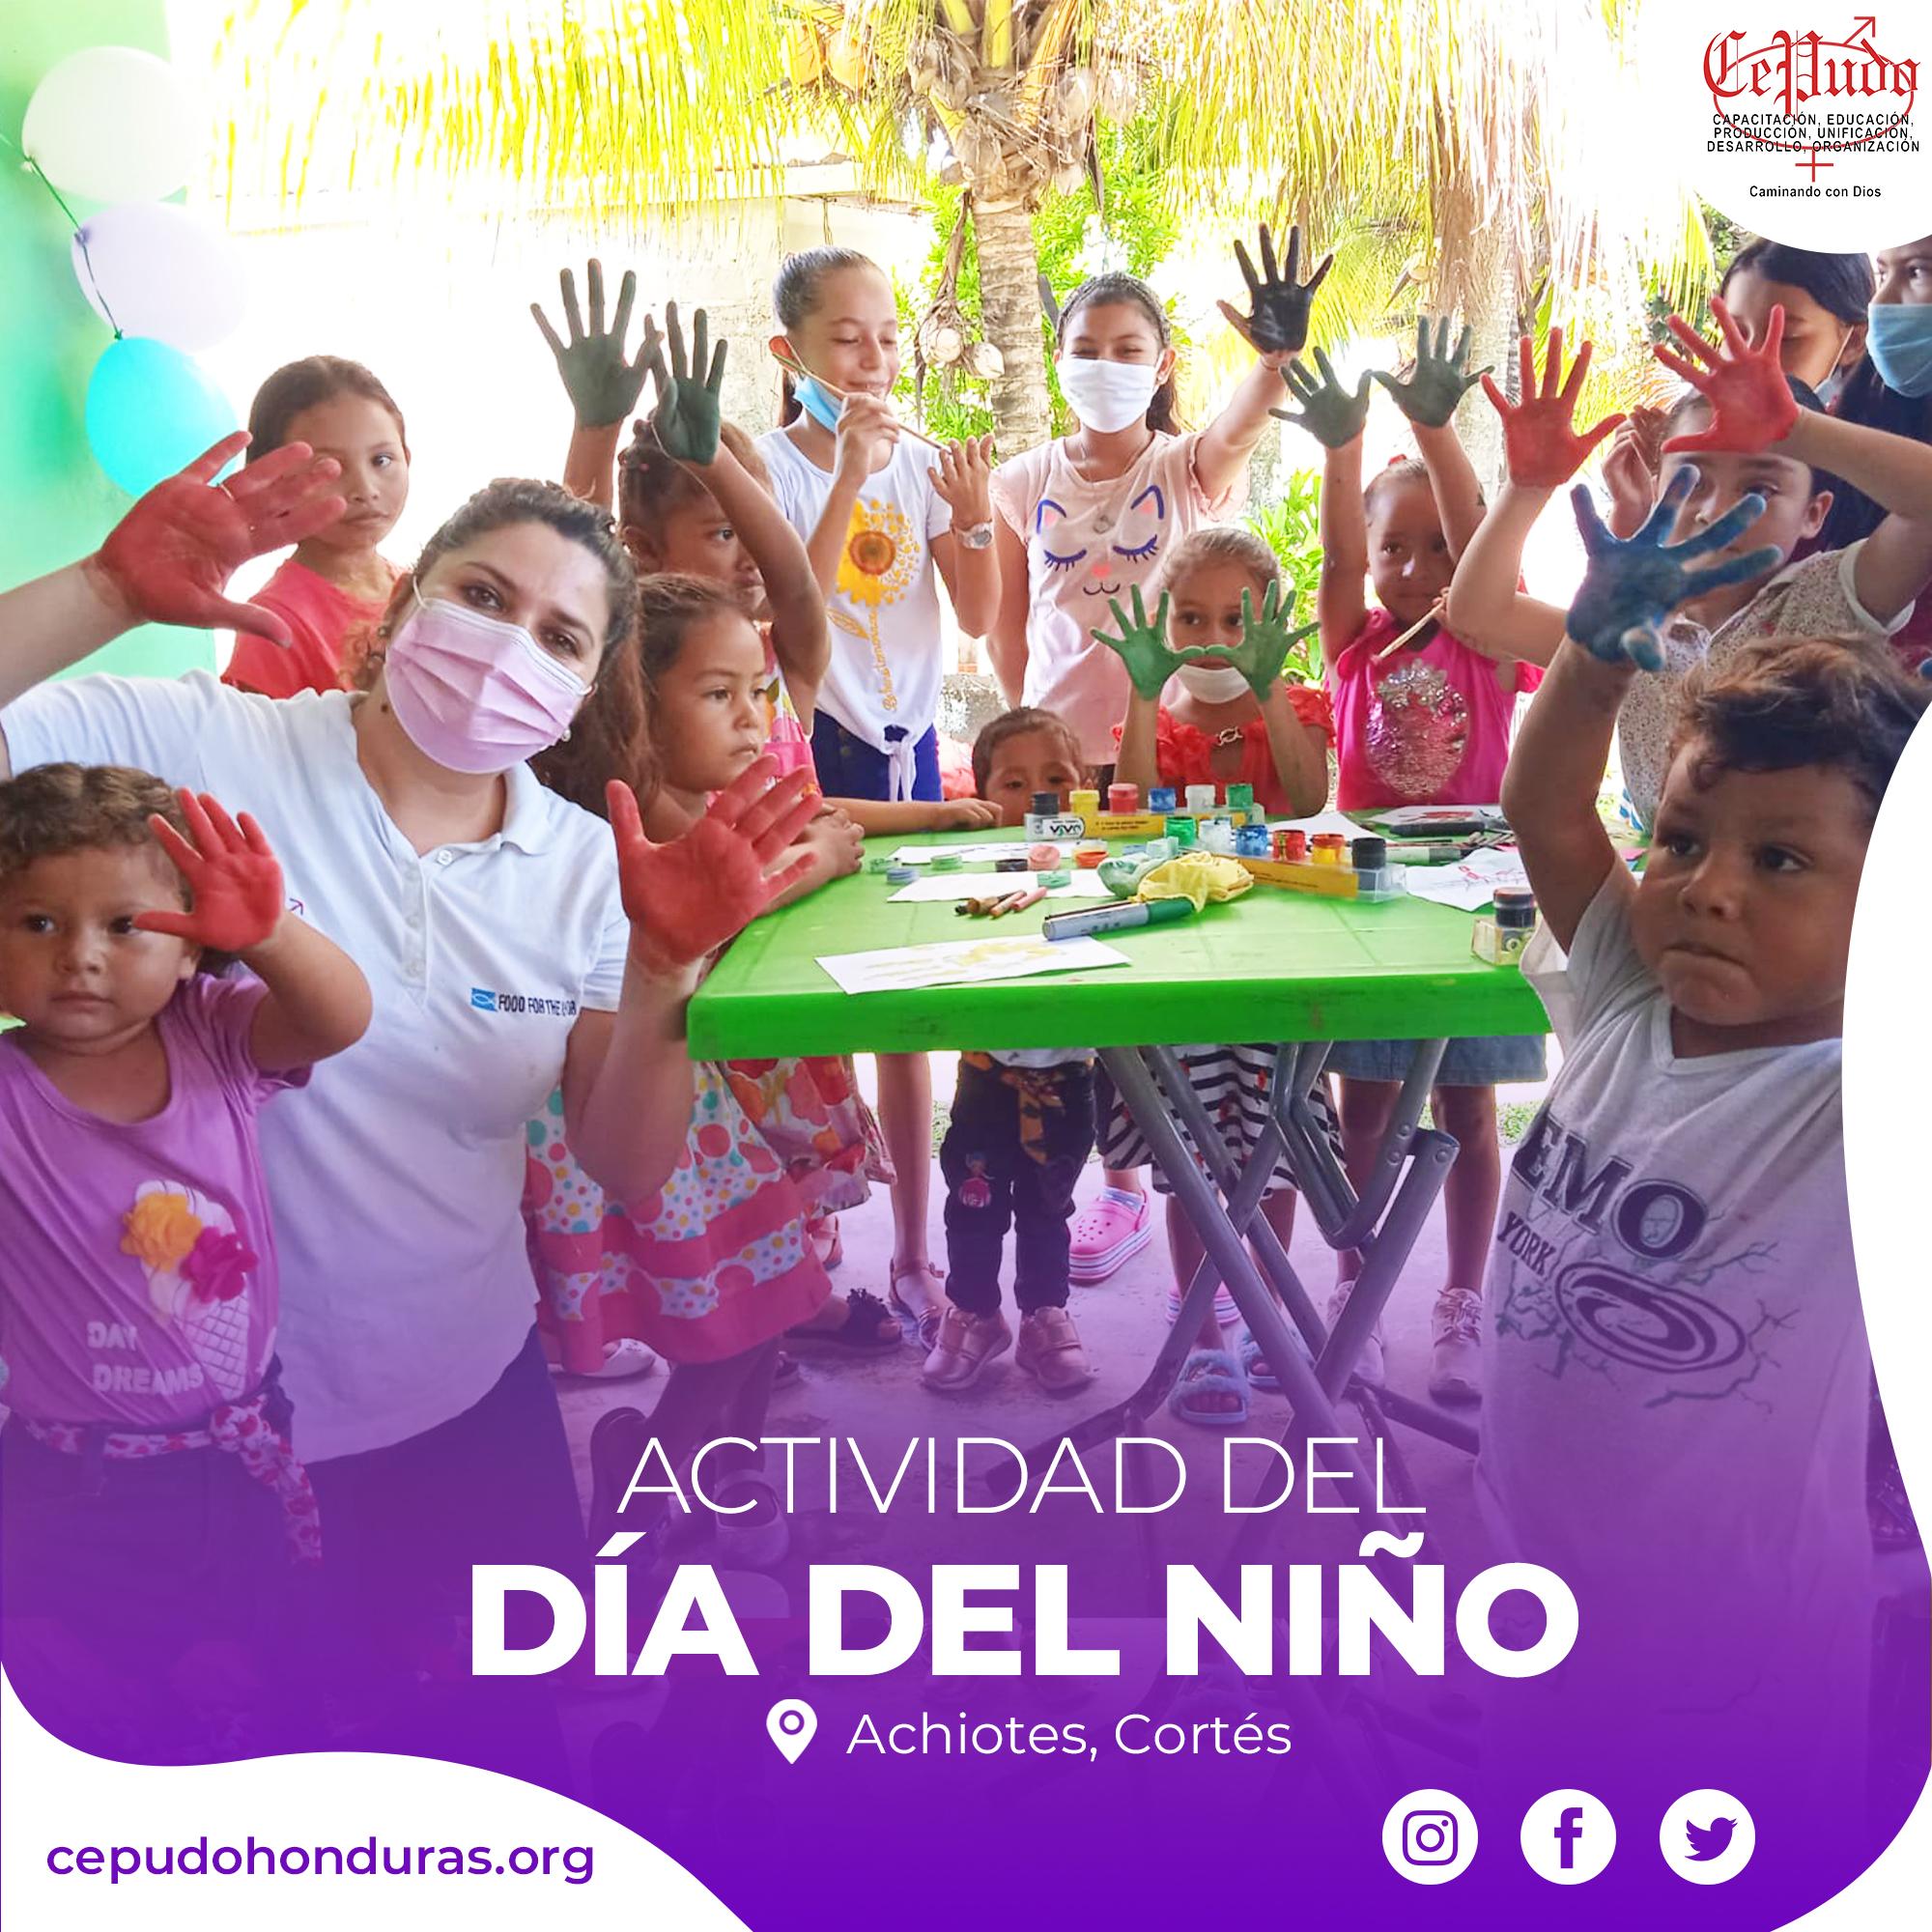 Children's Day Celebration in Los Achiotes, Cortés